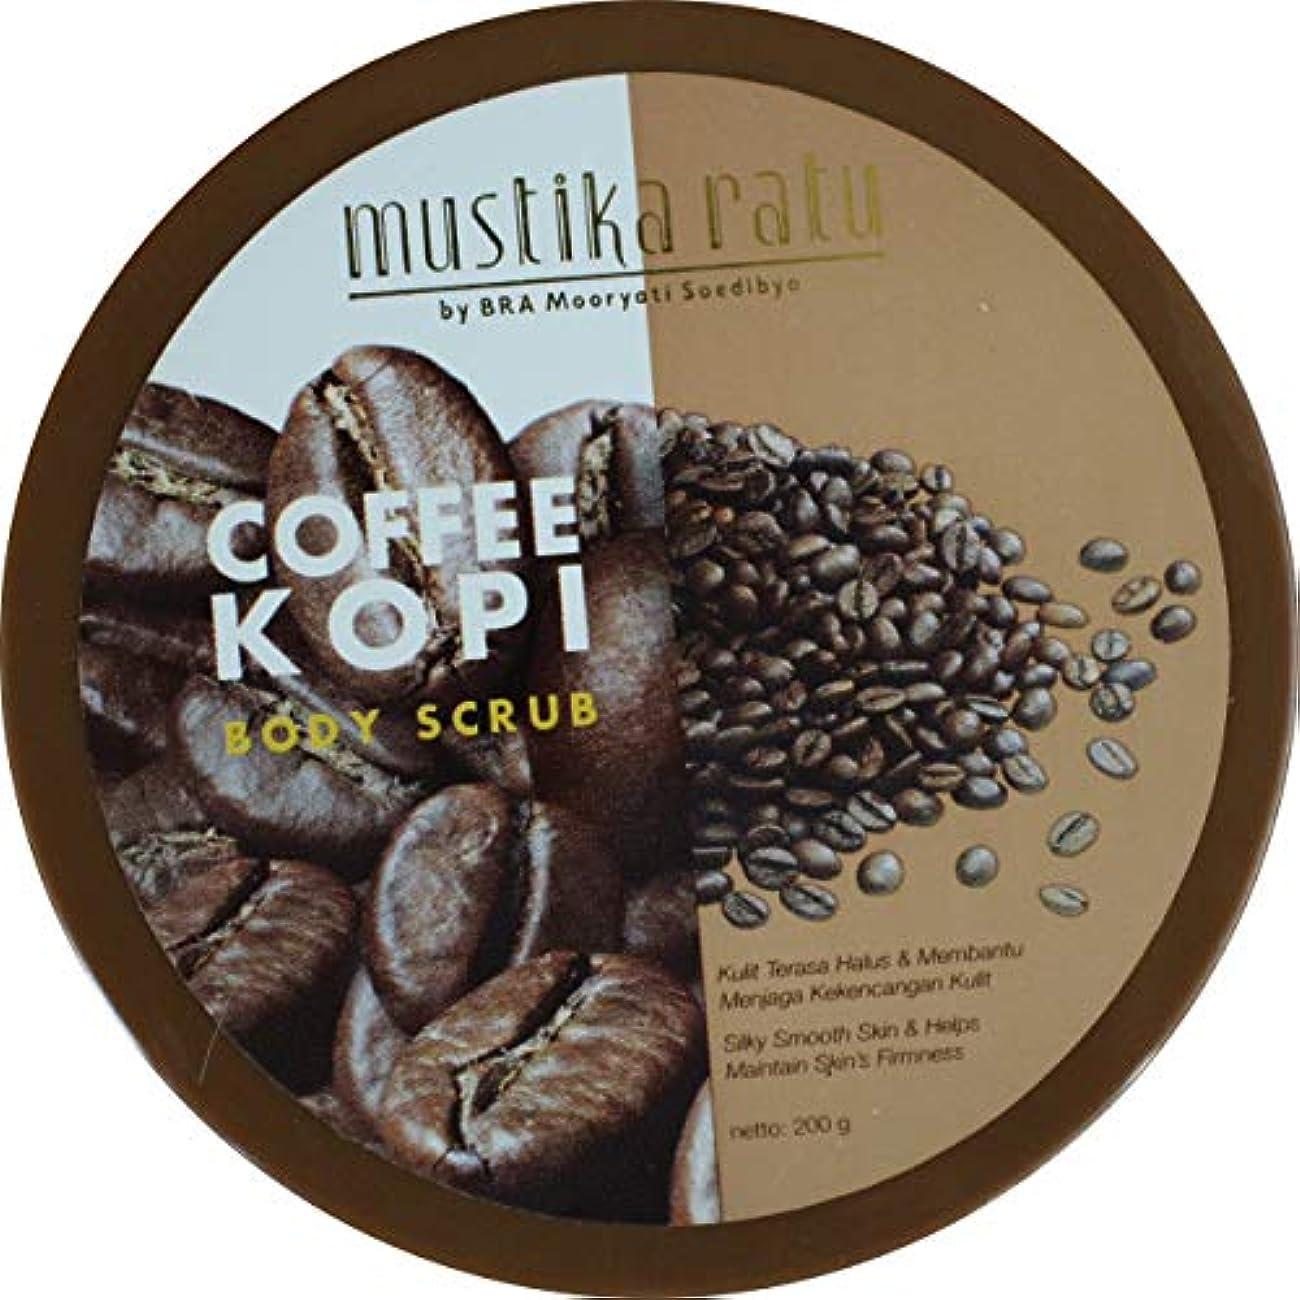 加入排気気まぐれなMustika Ratu インドネシア200グラム単位でのコーヒーボディスクラップ